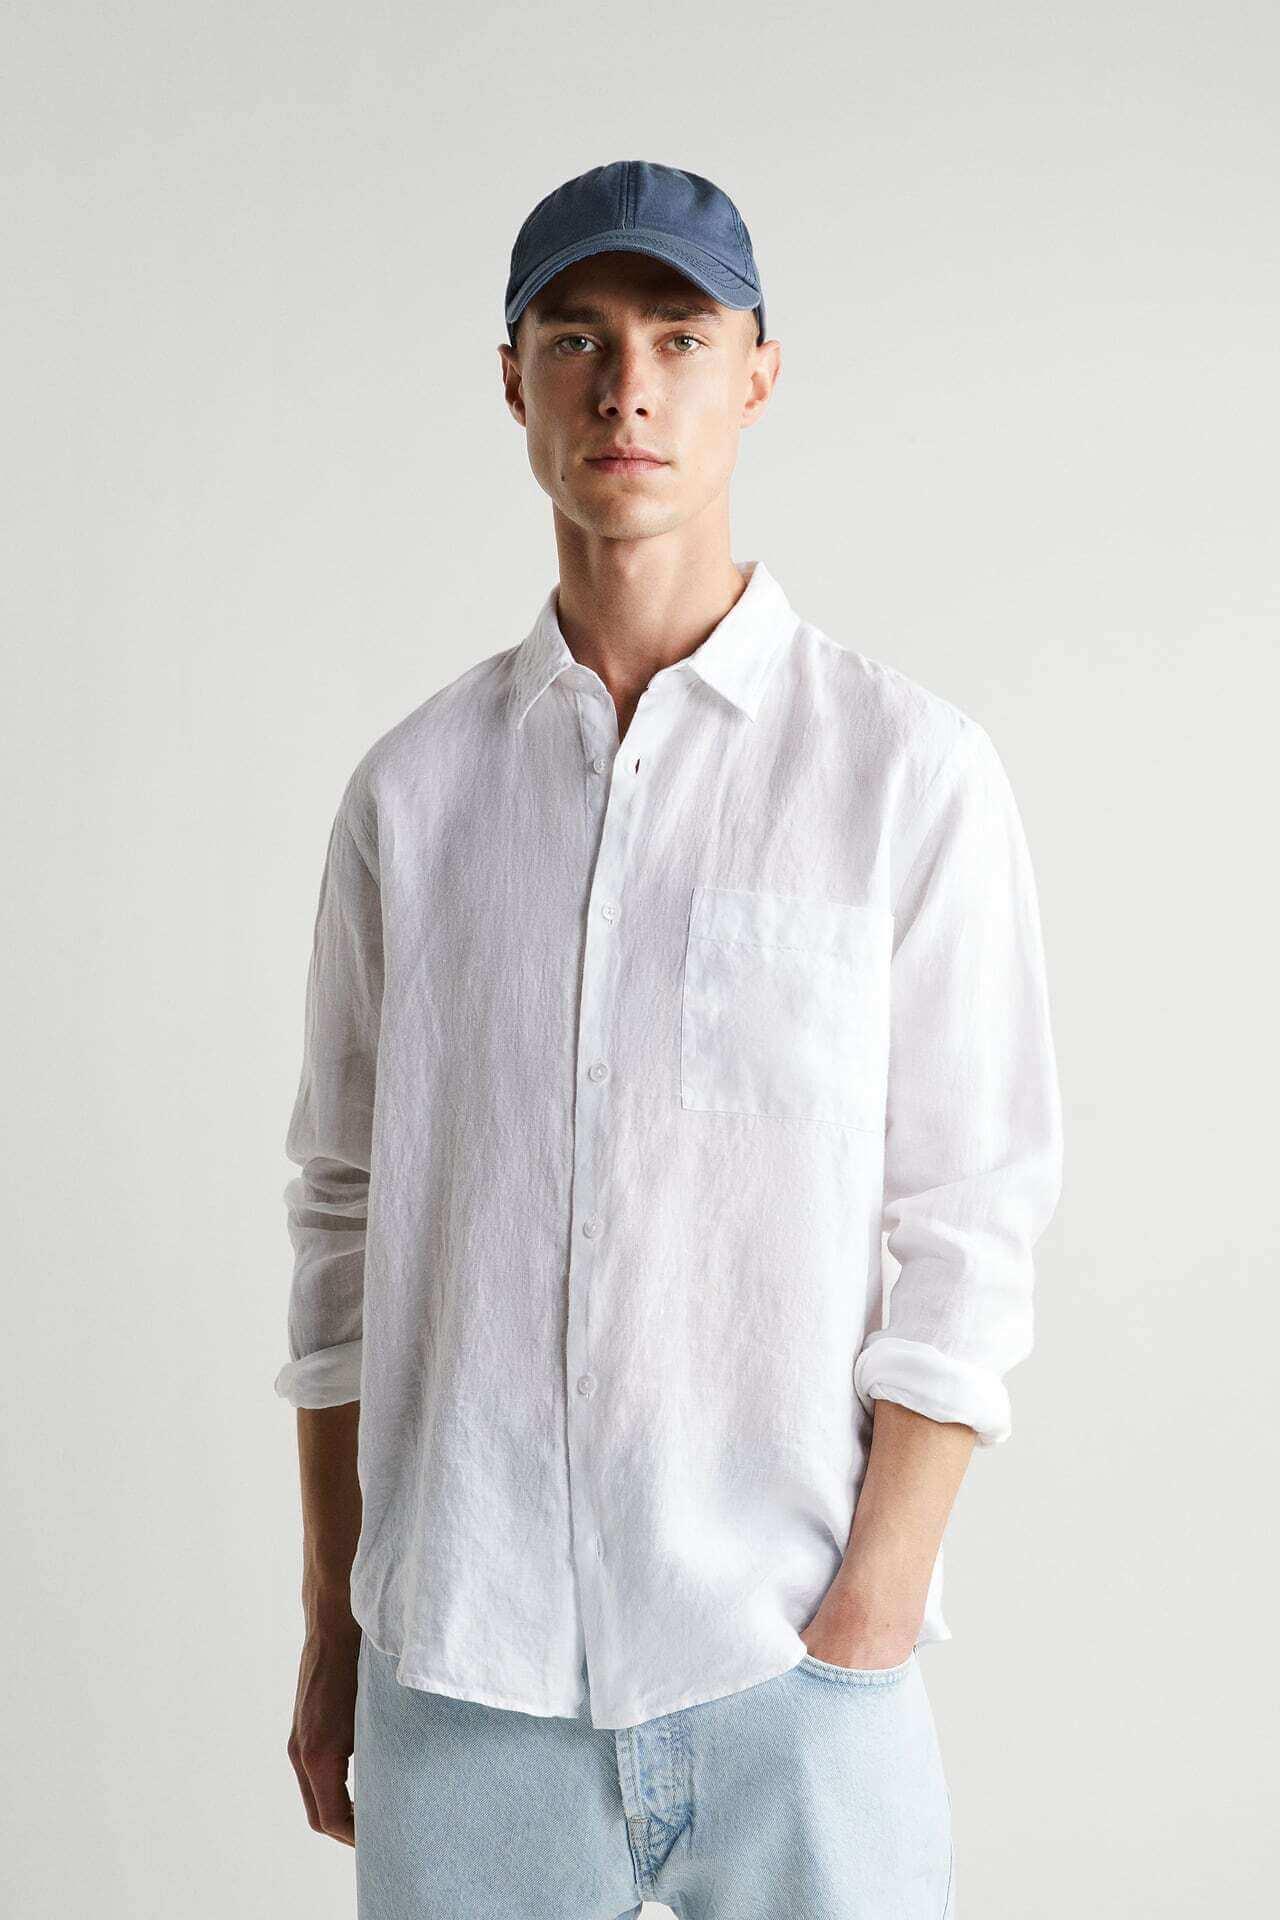 homem vestido com roupa da Zara